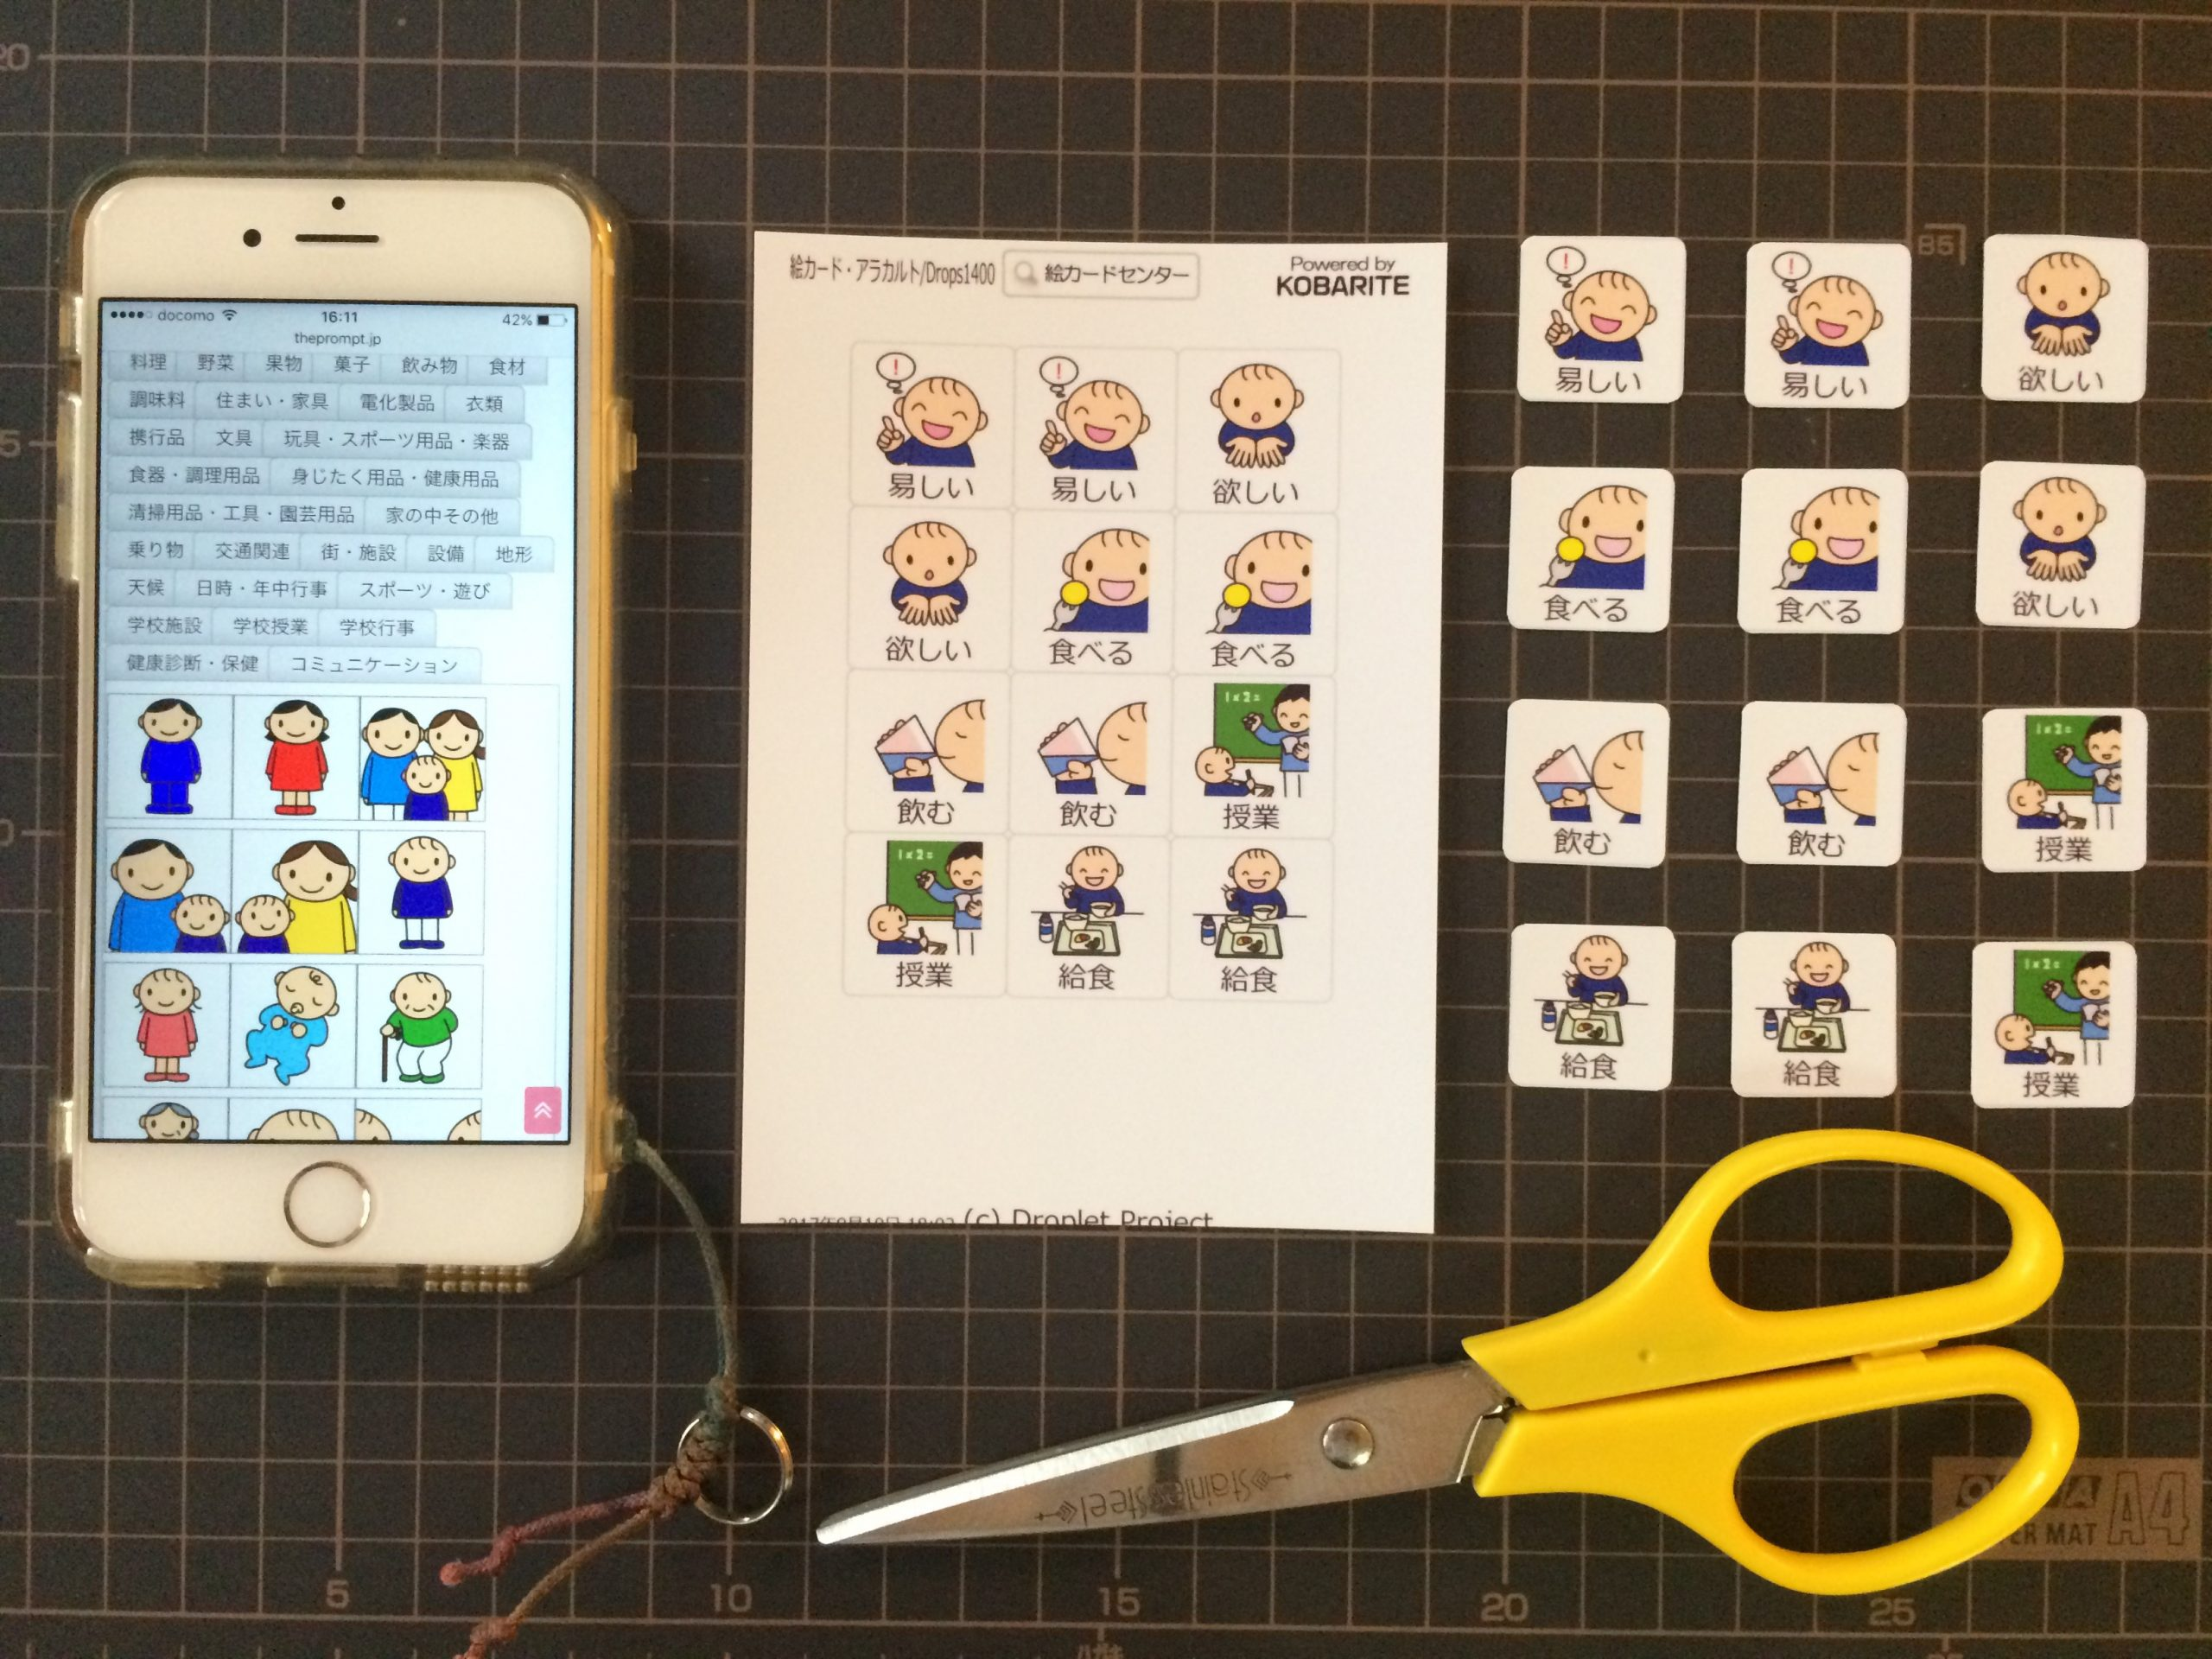 ドロップス・シンボルからミニ絵カードを作る